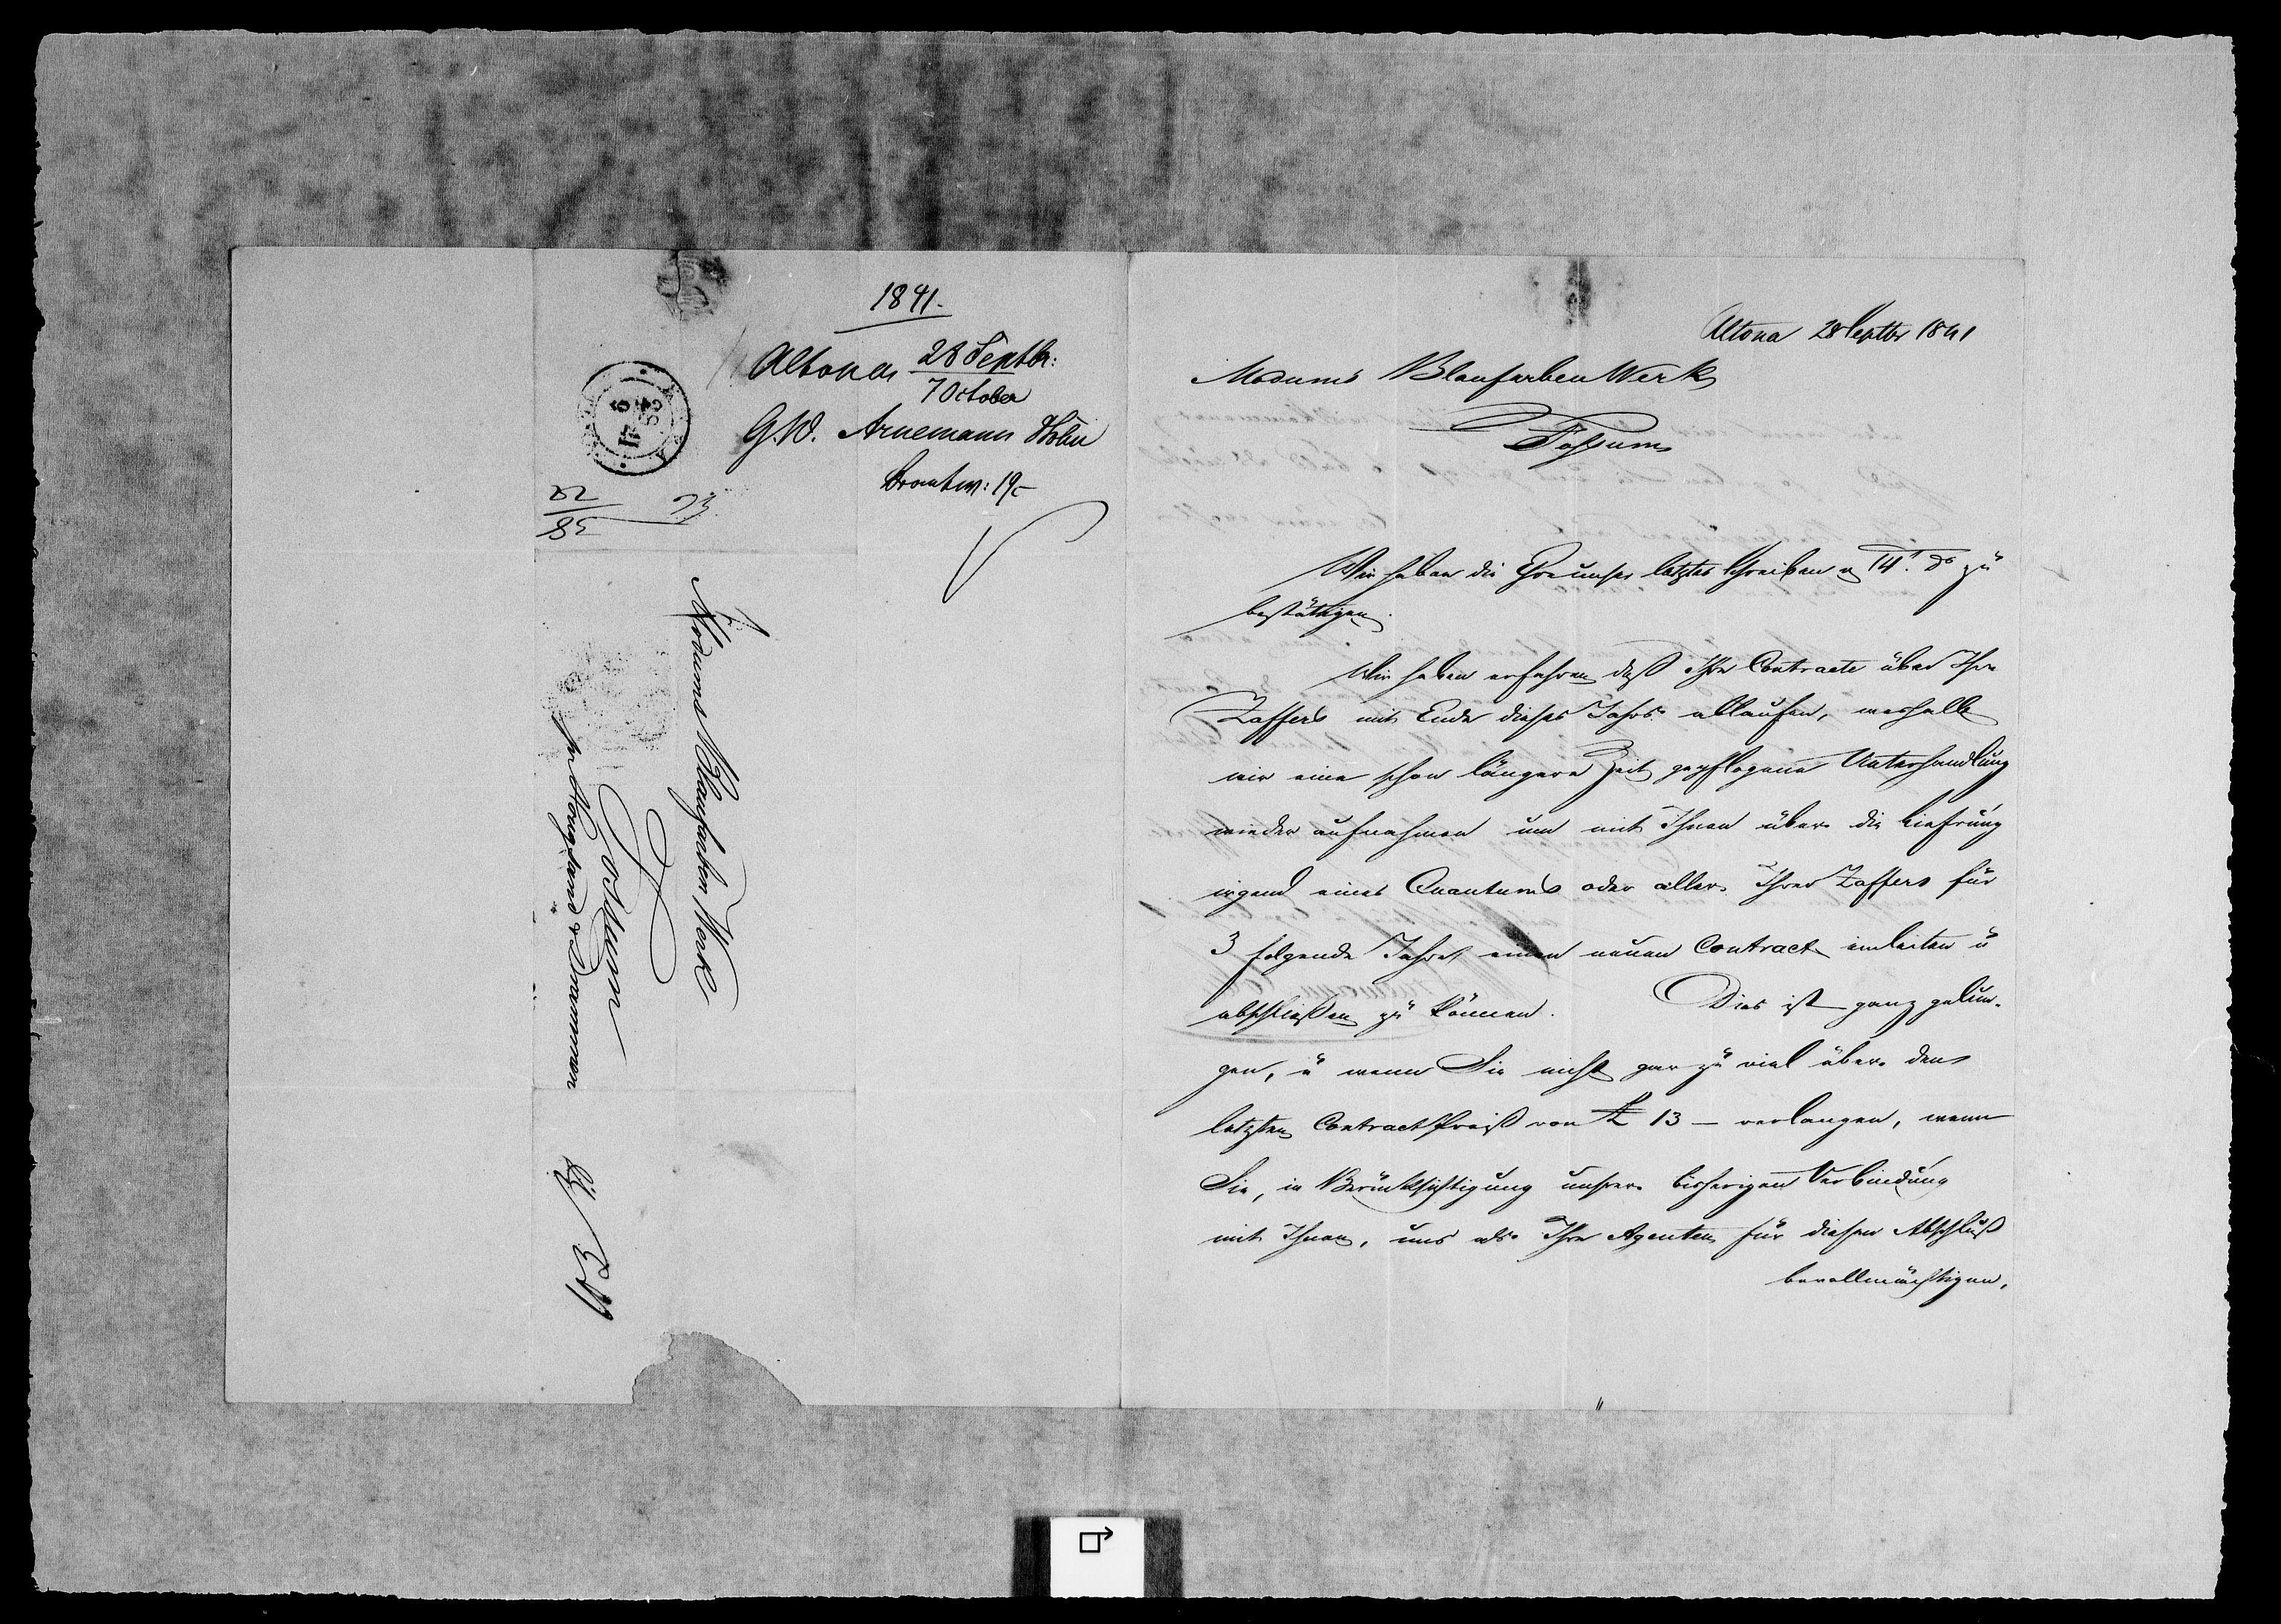 RA, Modums Blaafarveværk, G/Gb/L0126, 1841-1842, s. 2